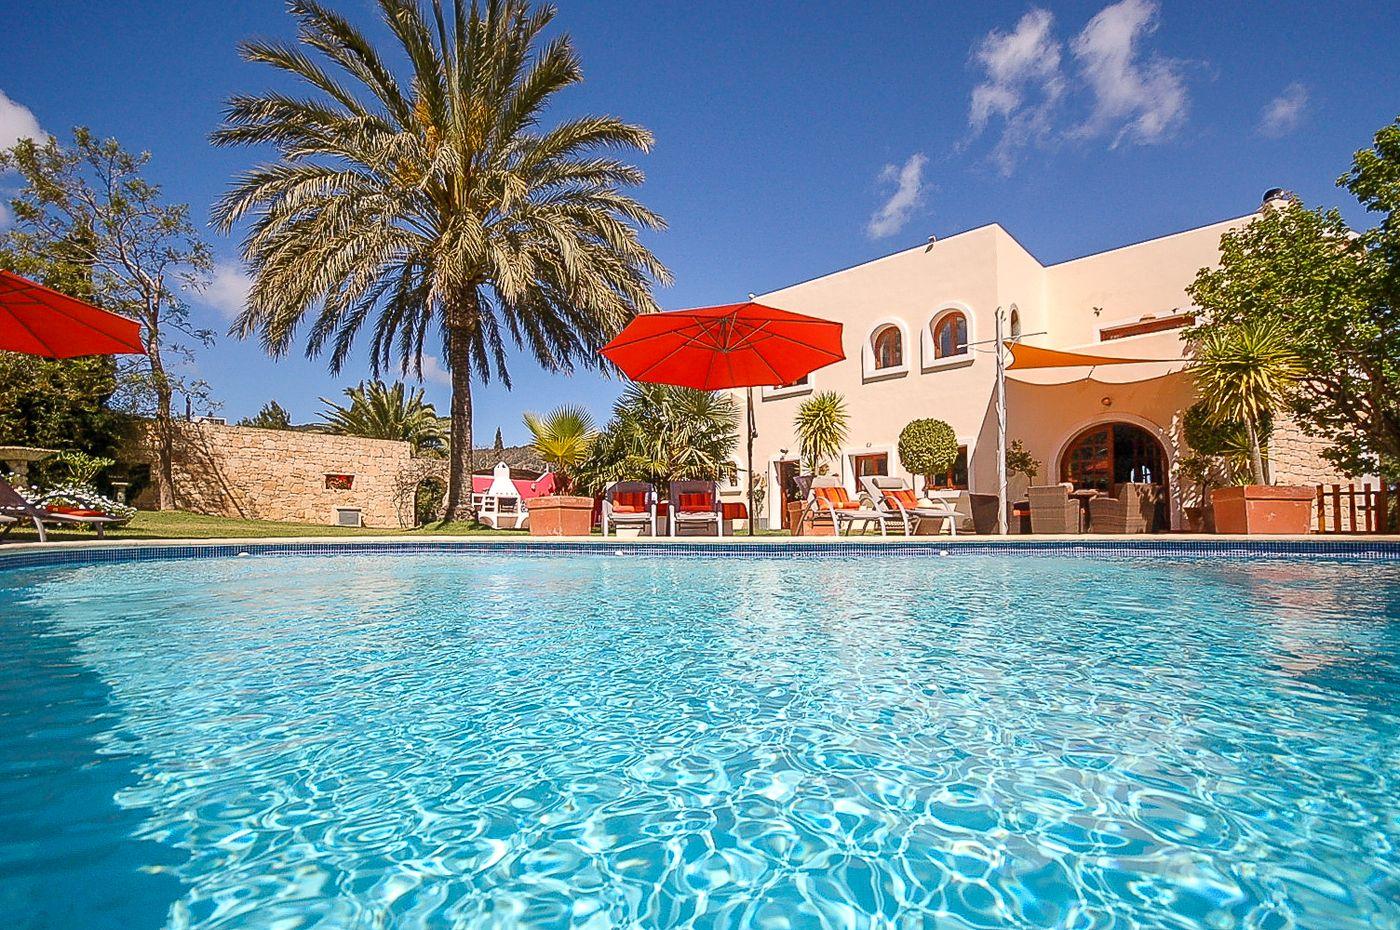 Villa in San Jose Ibiza with 6 bedrooms-CVE51821